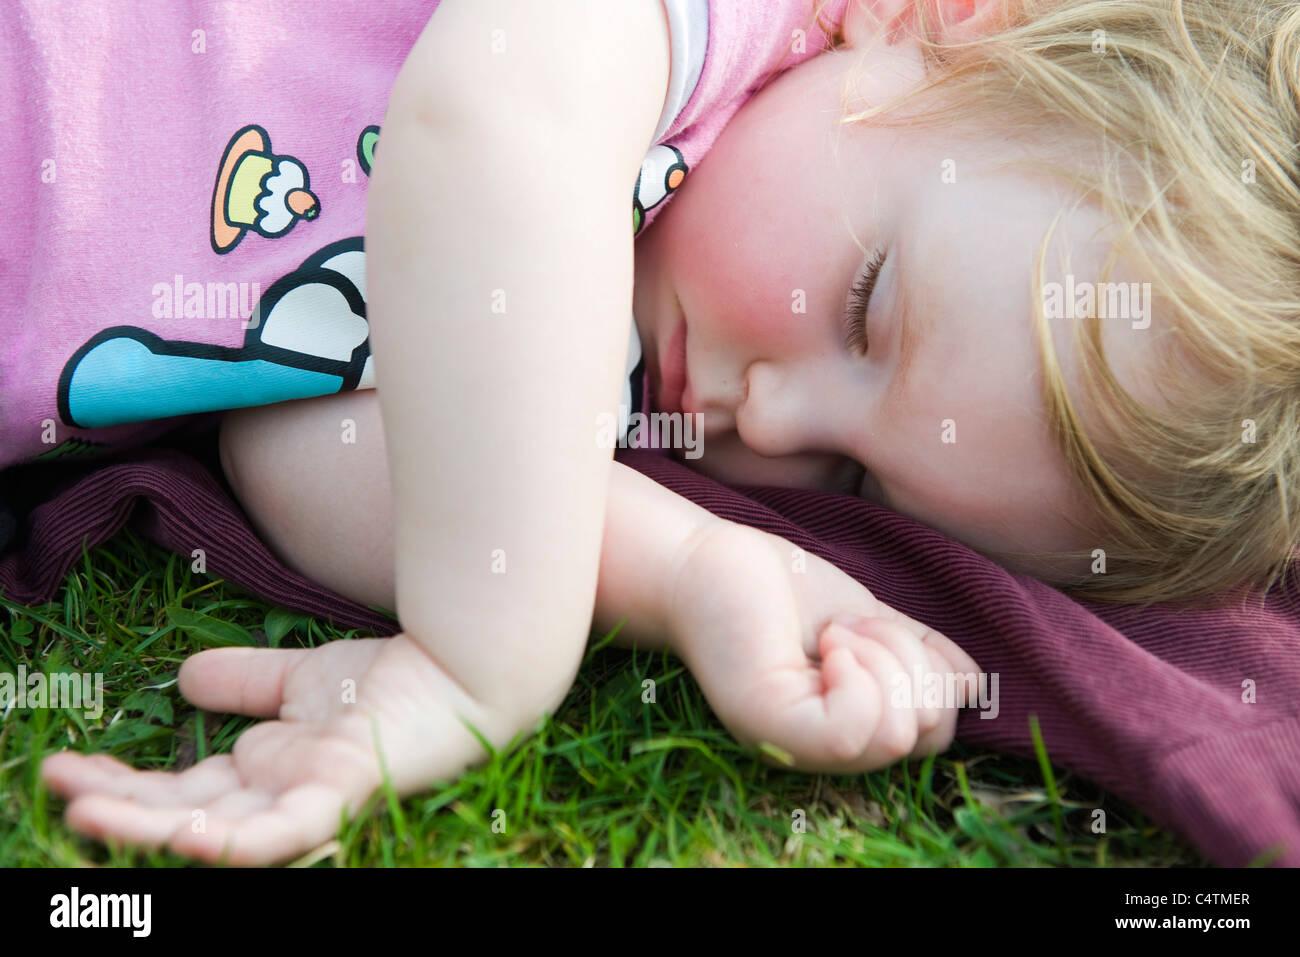 Niño Niña tomando una siesta al aire libre Imagen De Stock